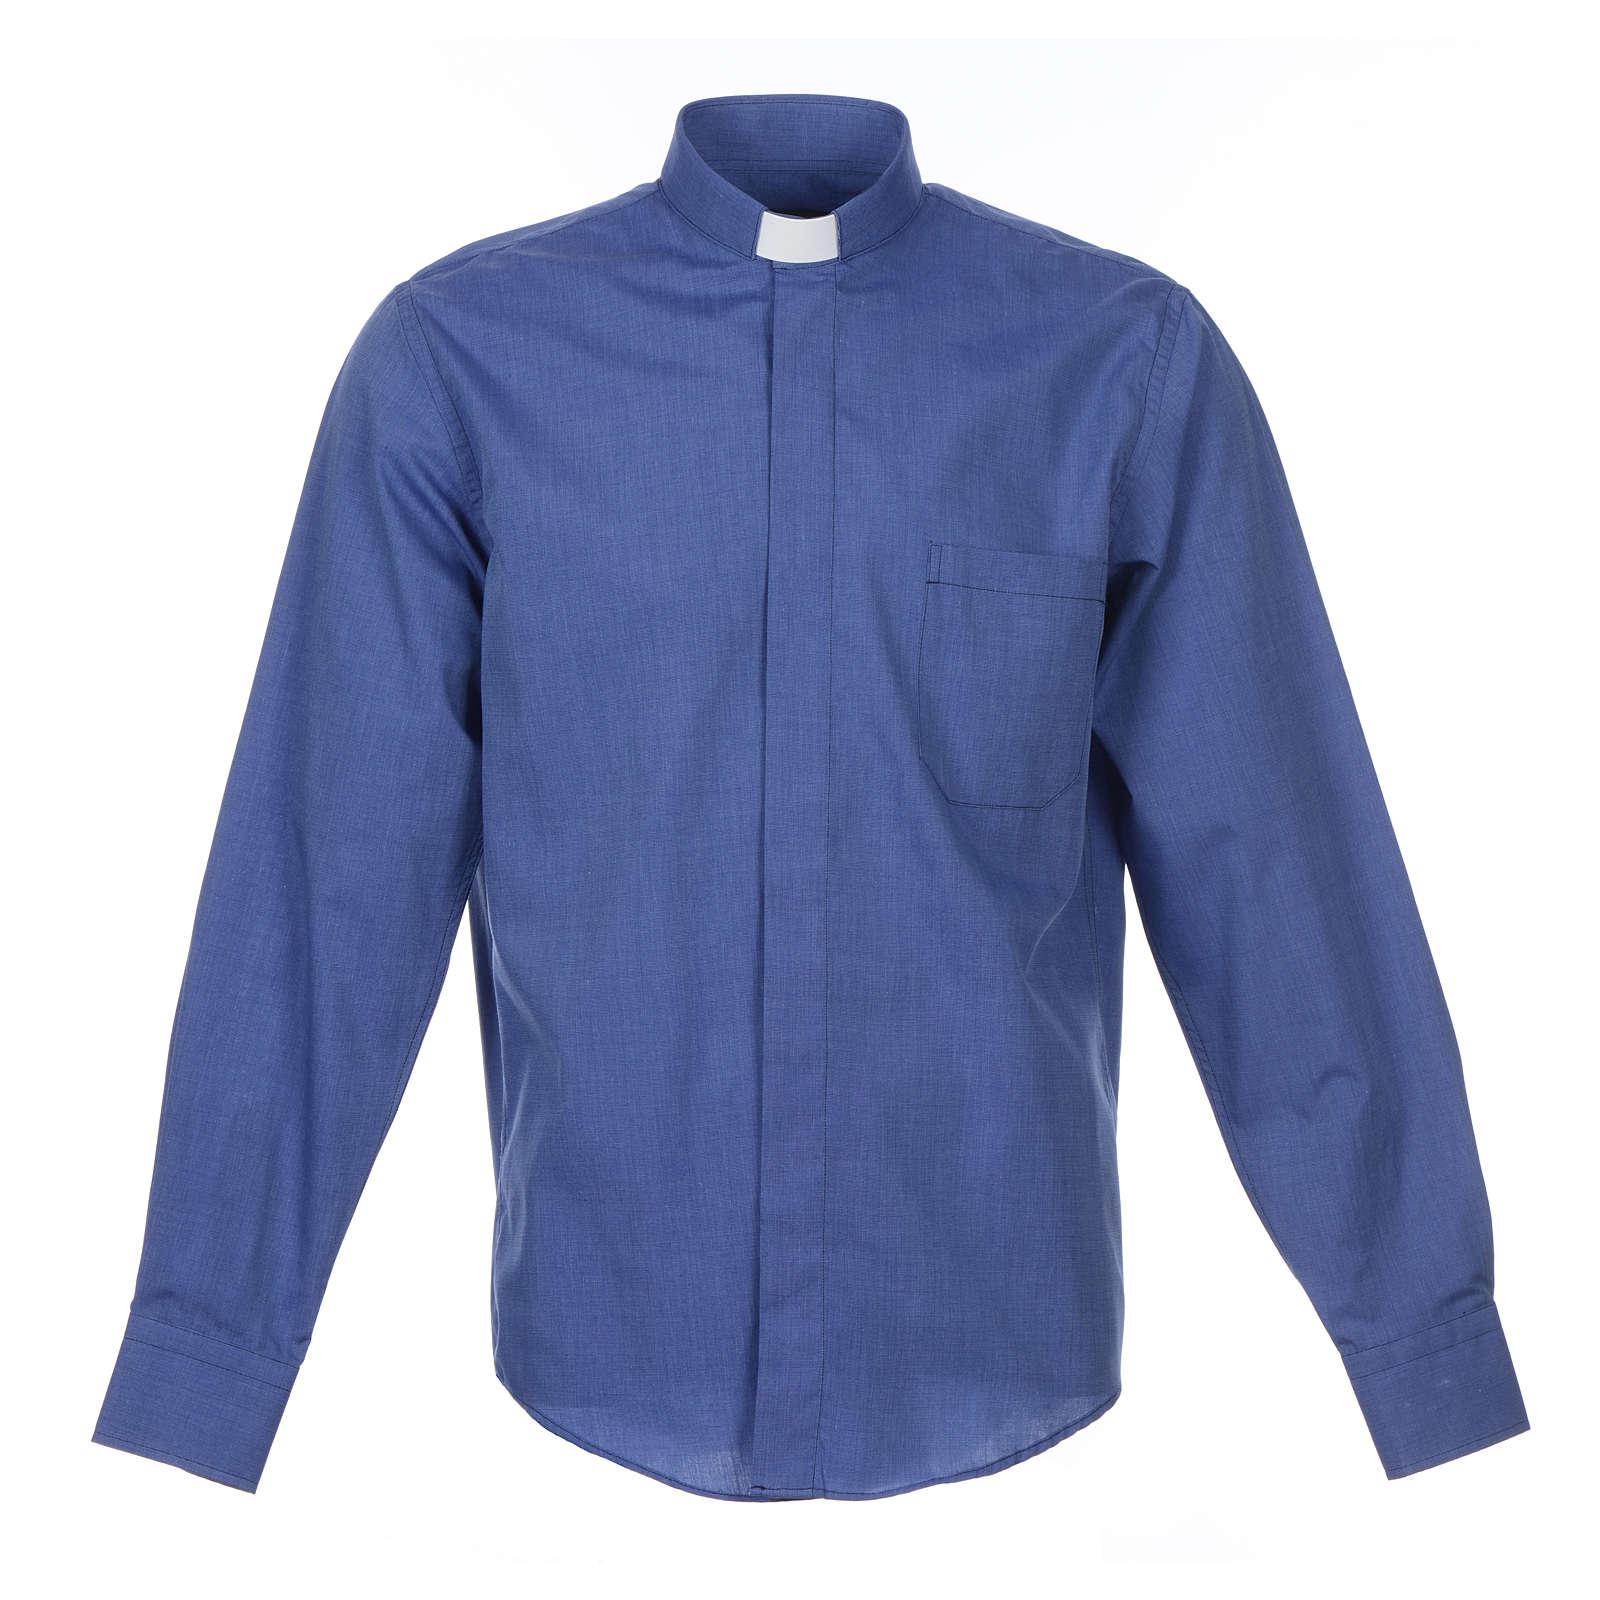 Collarhemd mit Langarm aus Fil-à-Fil-Baumwollmischung in der Farbe Blau 4